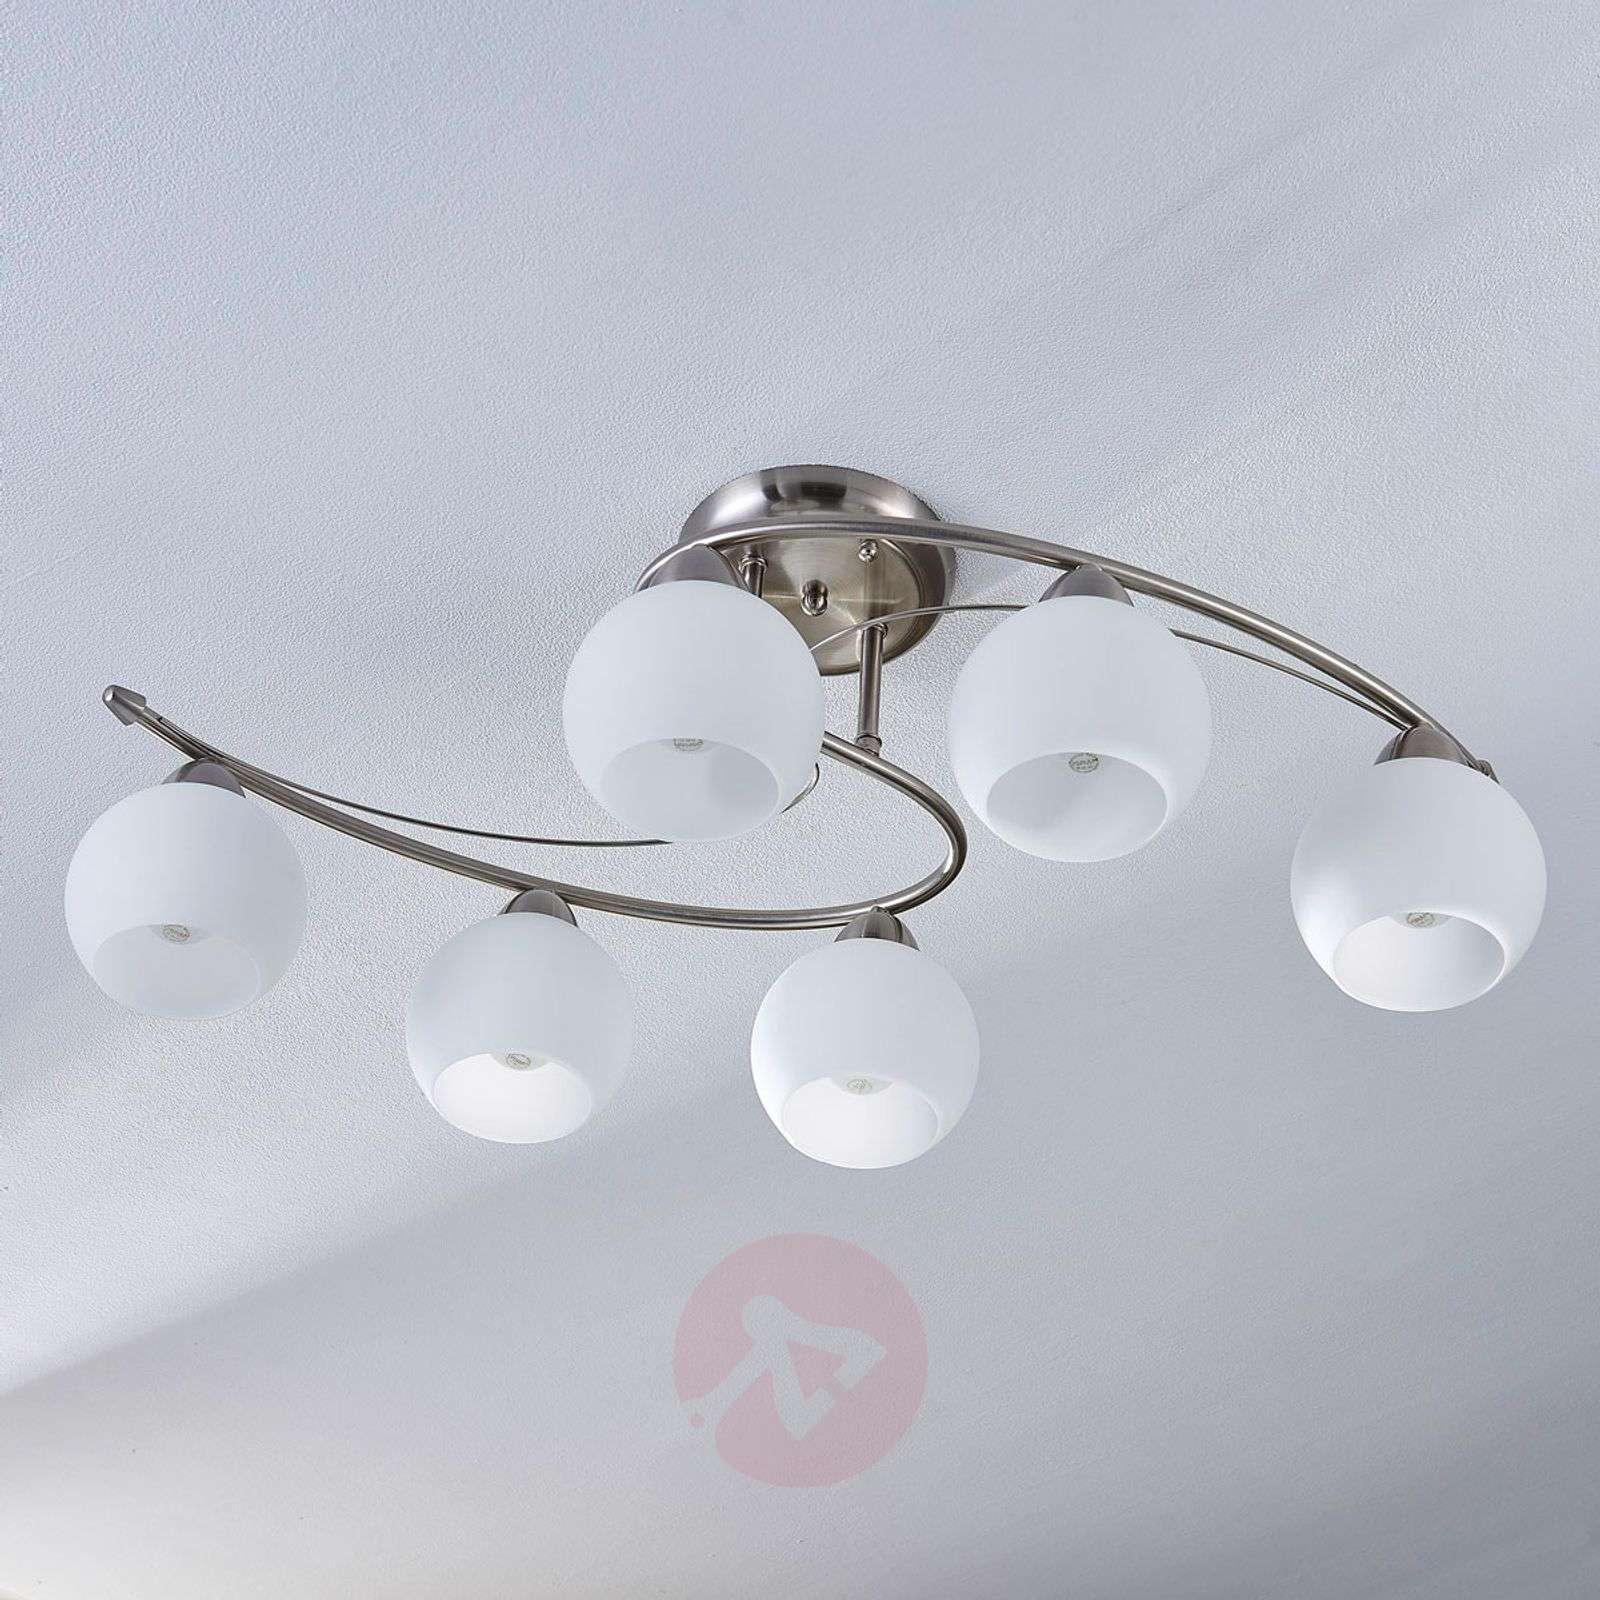 Dining room ceiling light Svean, 6 bulbs-9620766-04